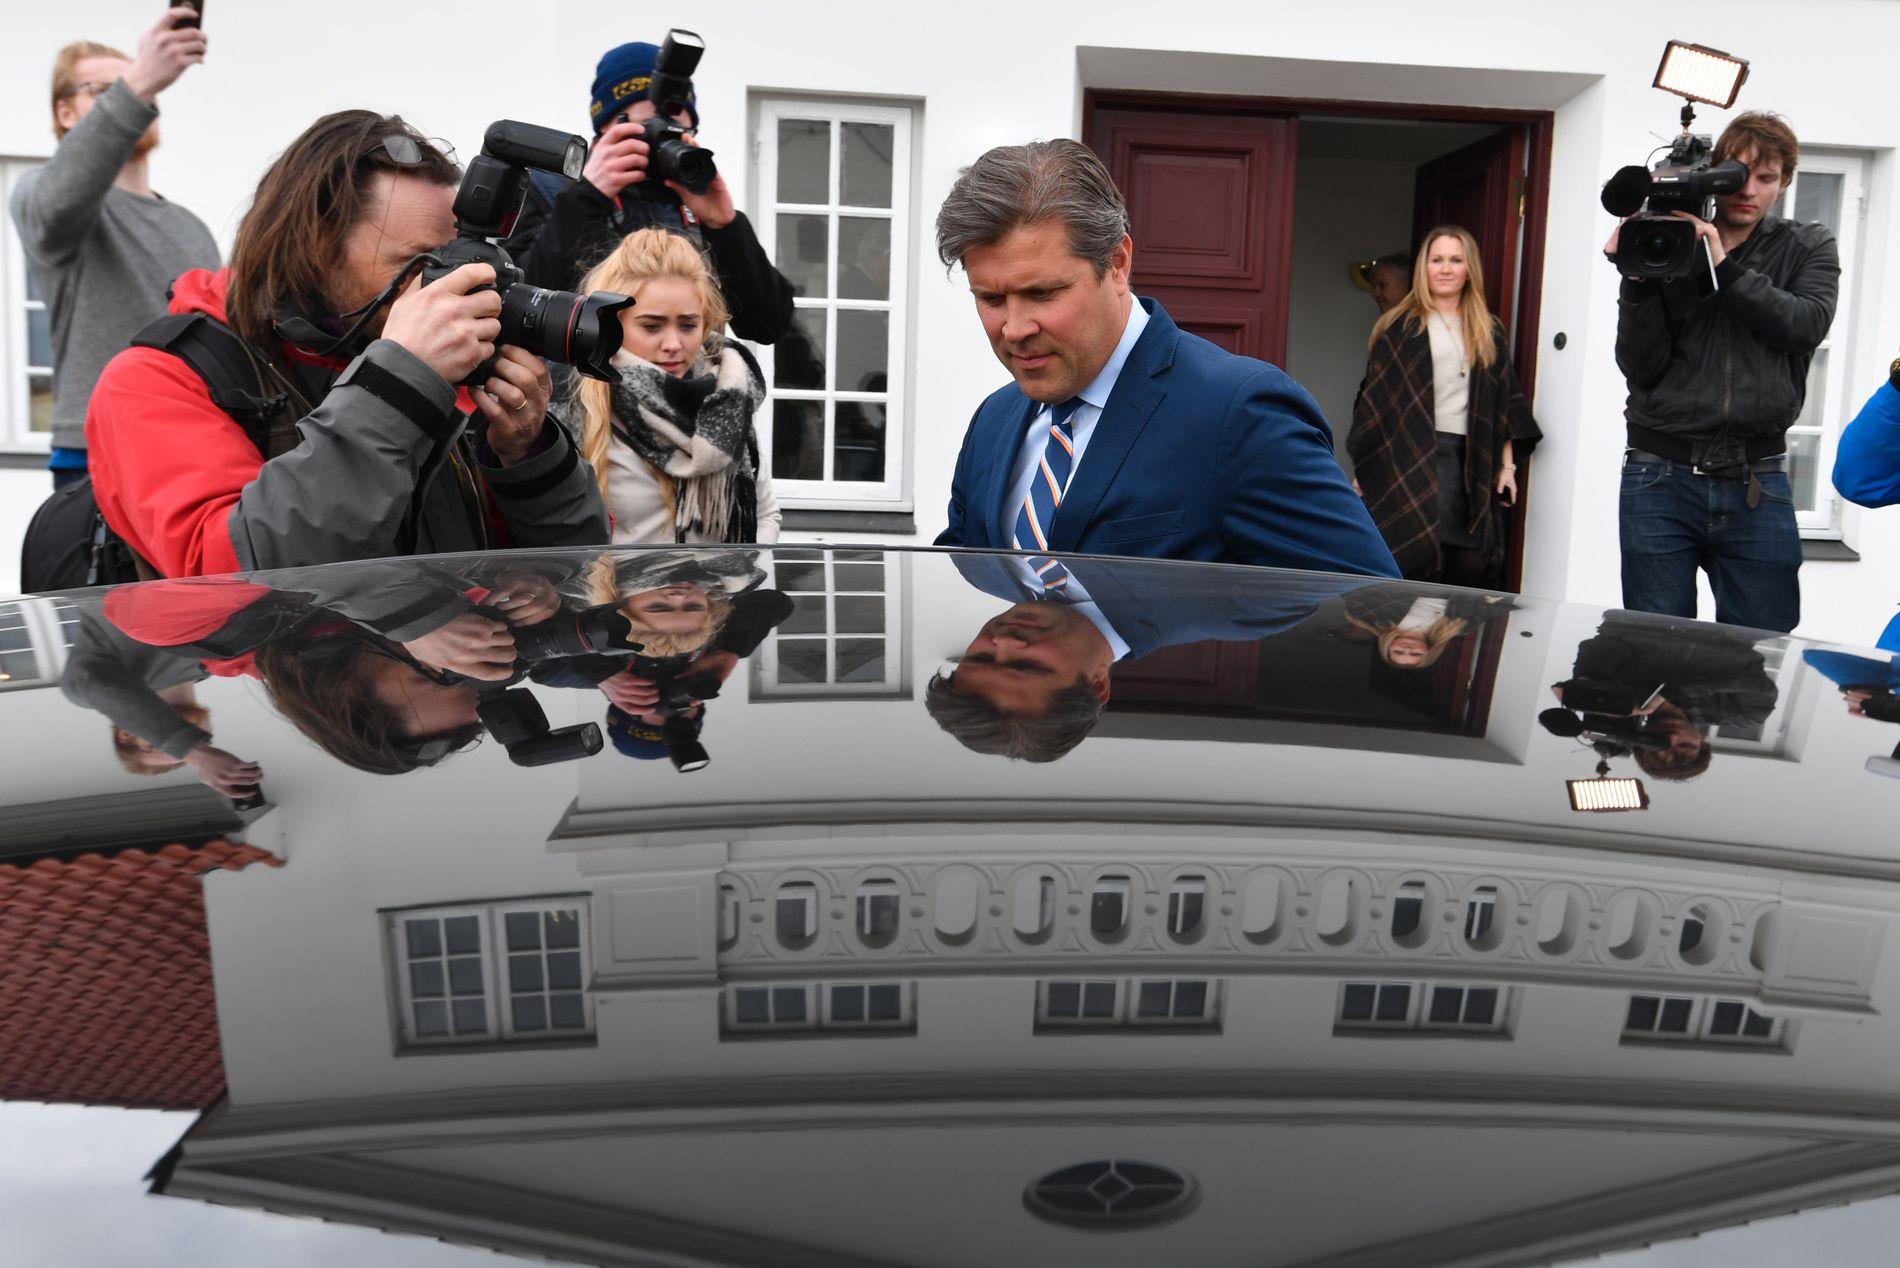 VET IKKE HVA SOM SKJER: Finansminister Bjarni Benediktsson sier til VG at det foreløpig ikke er avklart hvem som tar over som statsminister på Island.